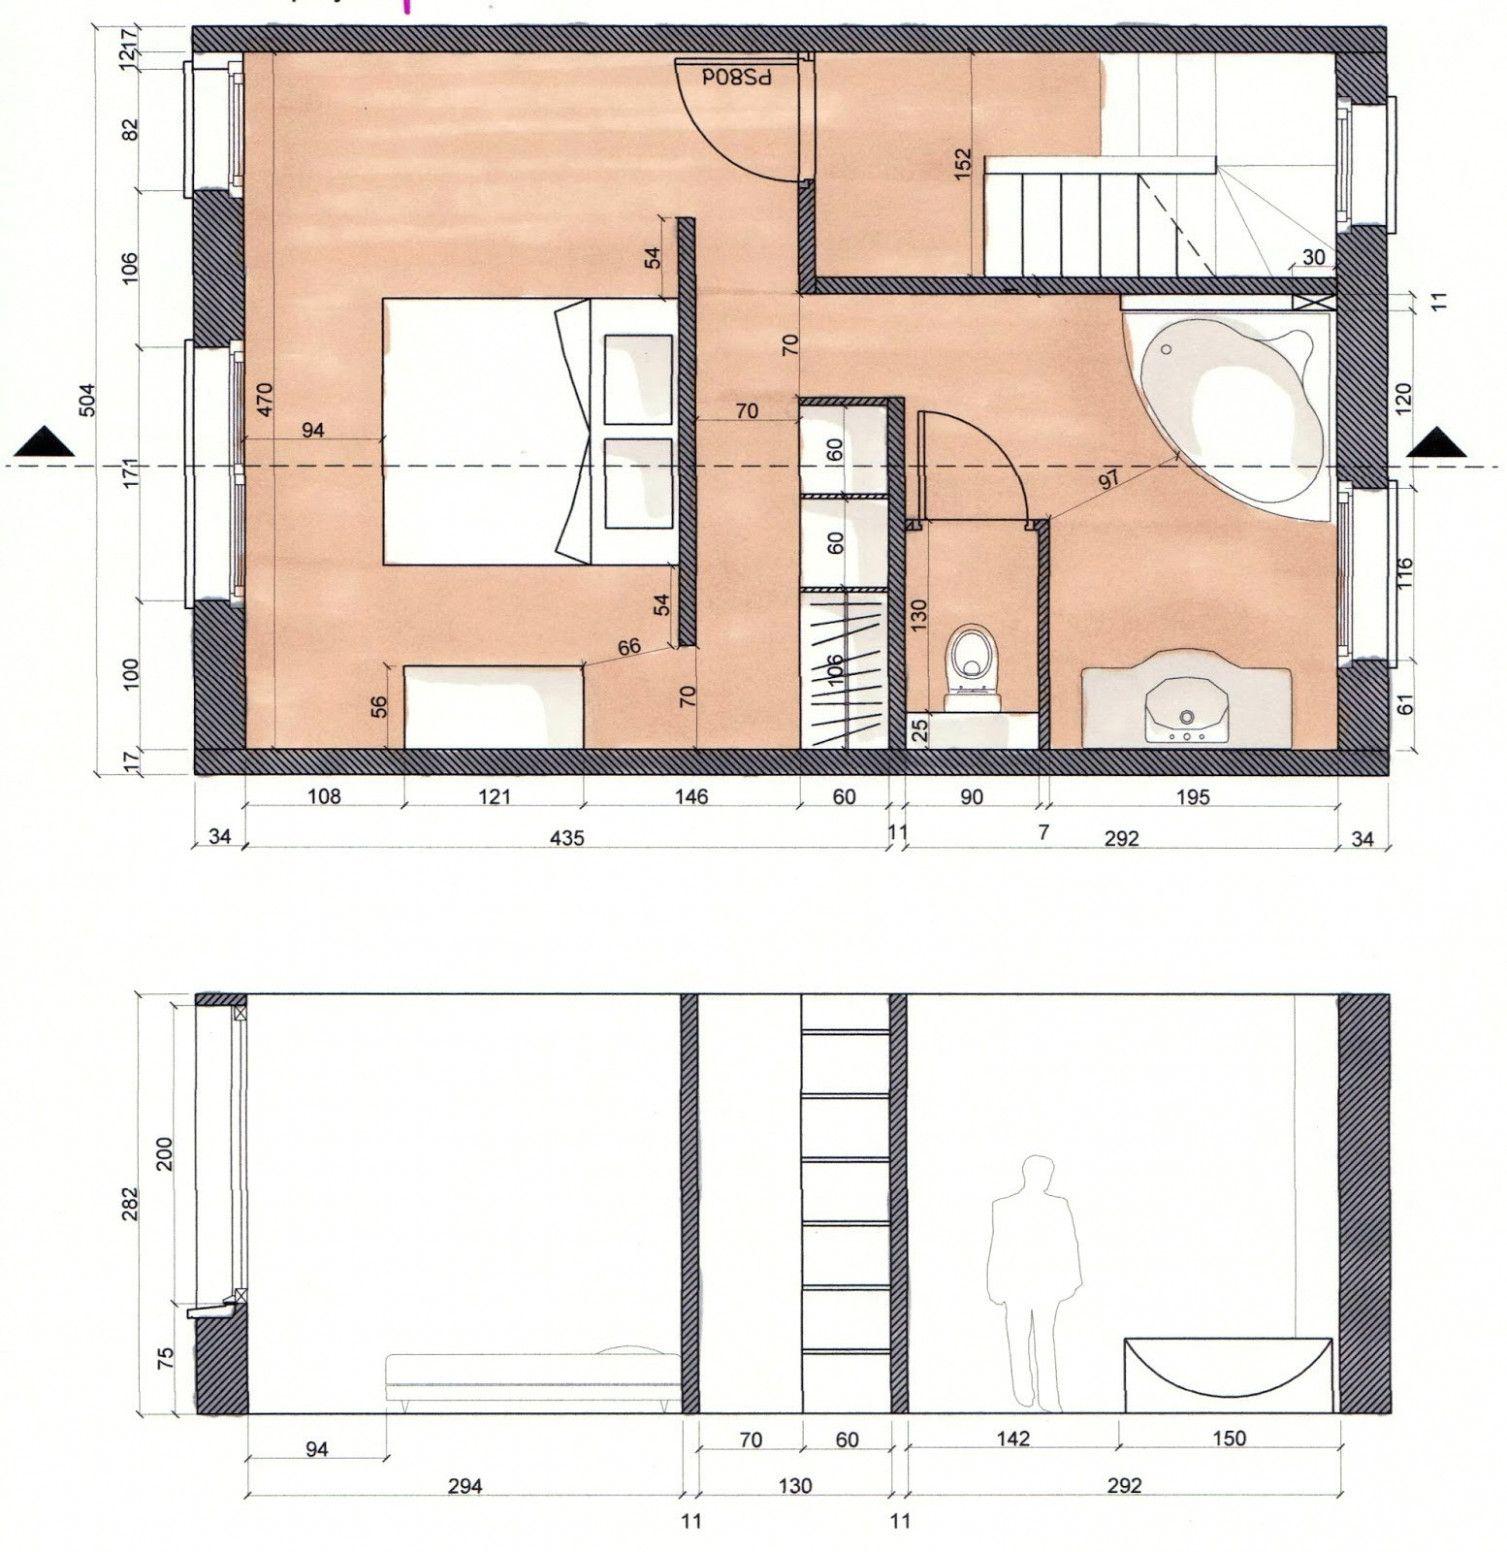 Plan De Suite Parentale Avec Salle De Bain Suite Parentale Dressing Salle De Bain Salle De Bains Dressing Amenagement Chambre